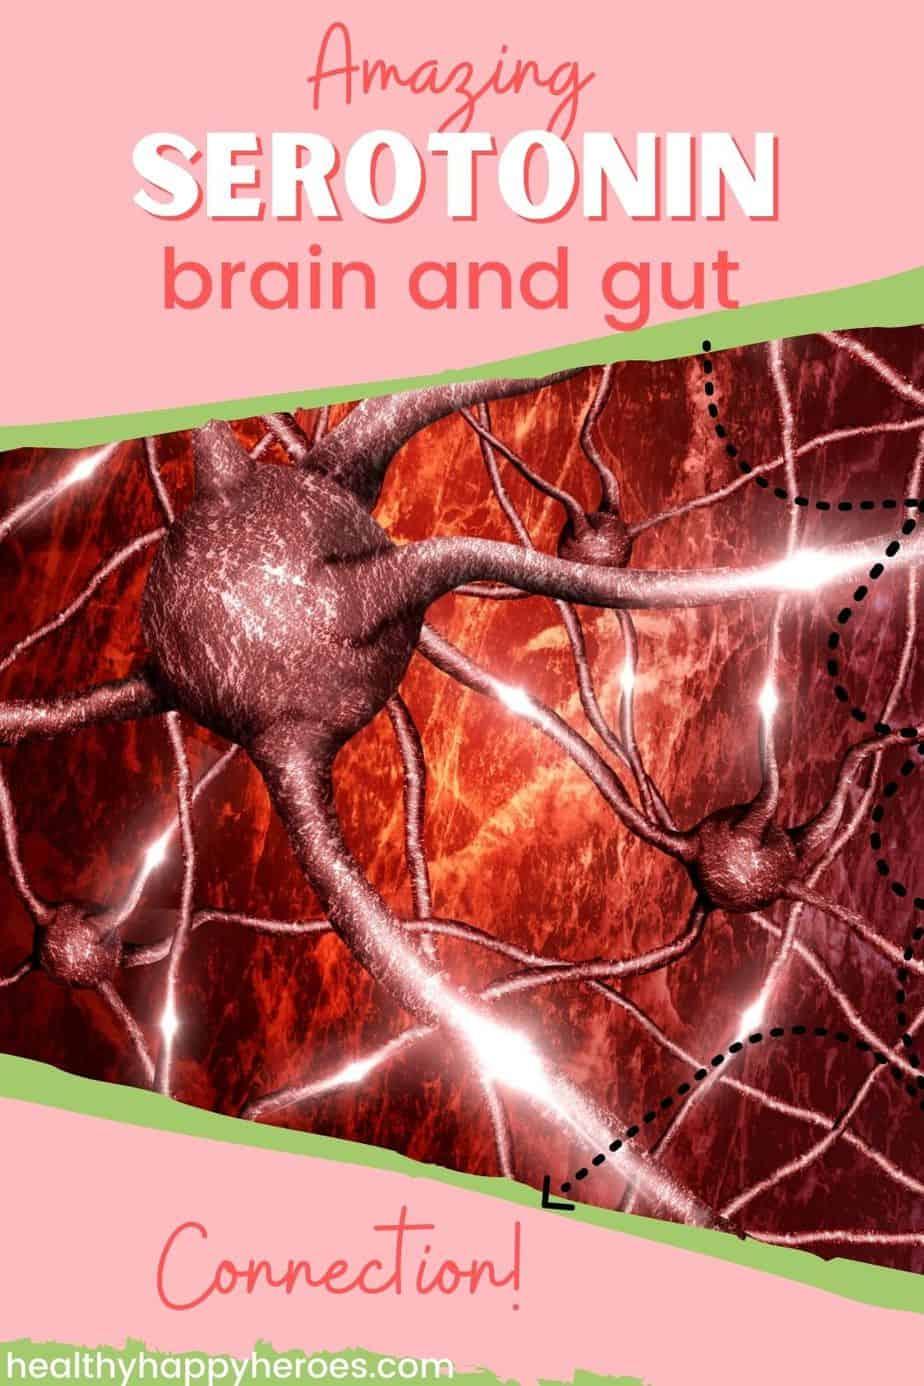 gut-brain connection serotonin